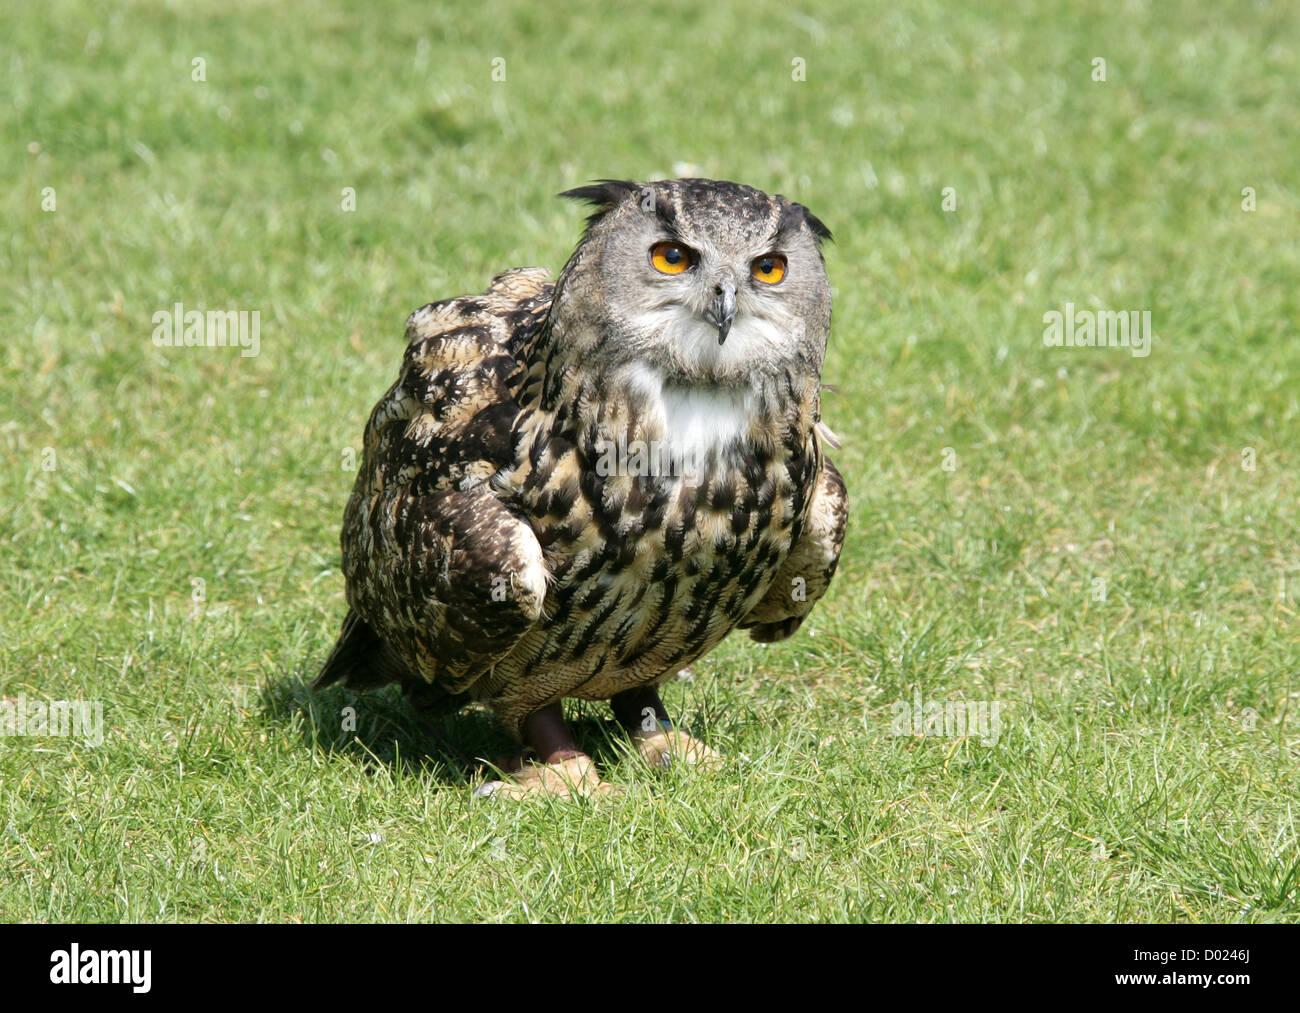 European Eagle Owl, Bubo bubo, Strigidae. - Stock Image